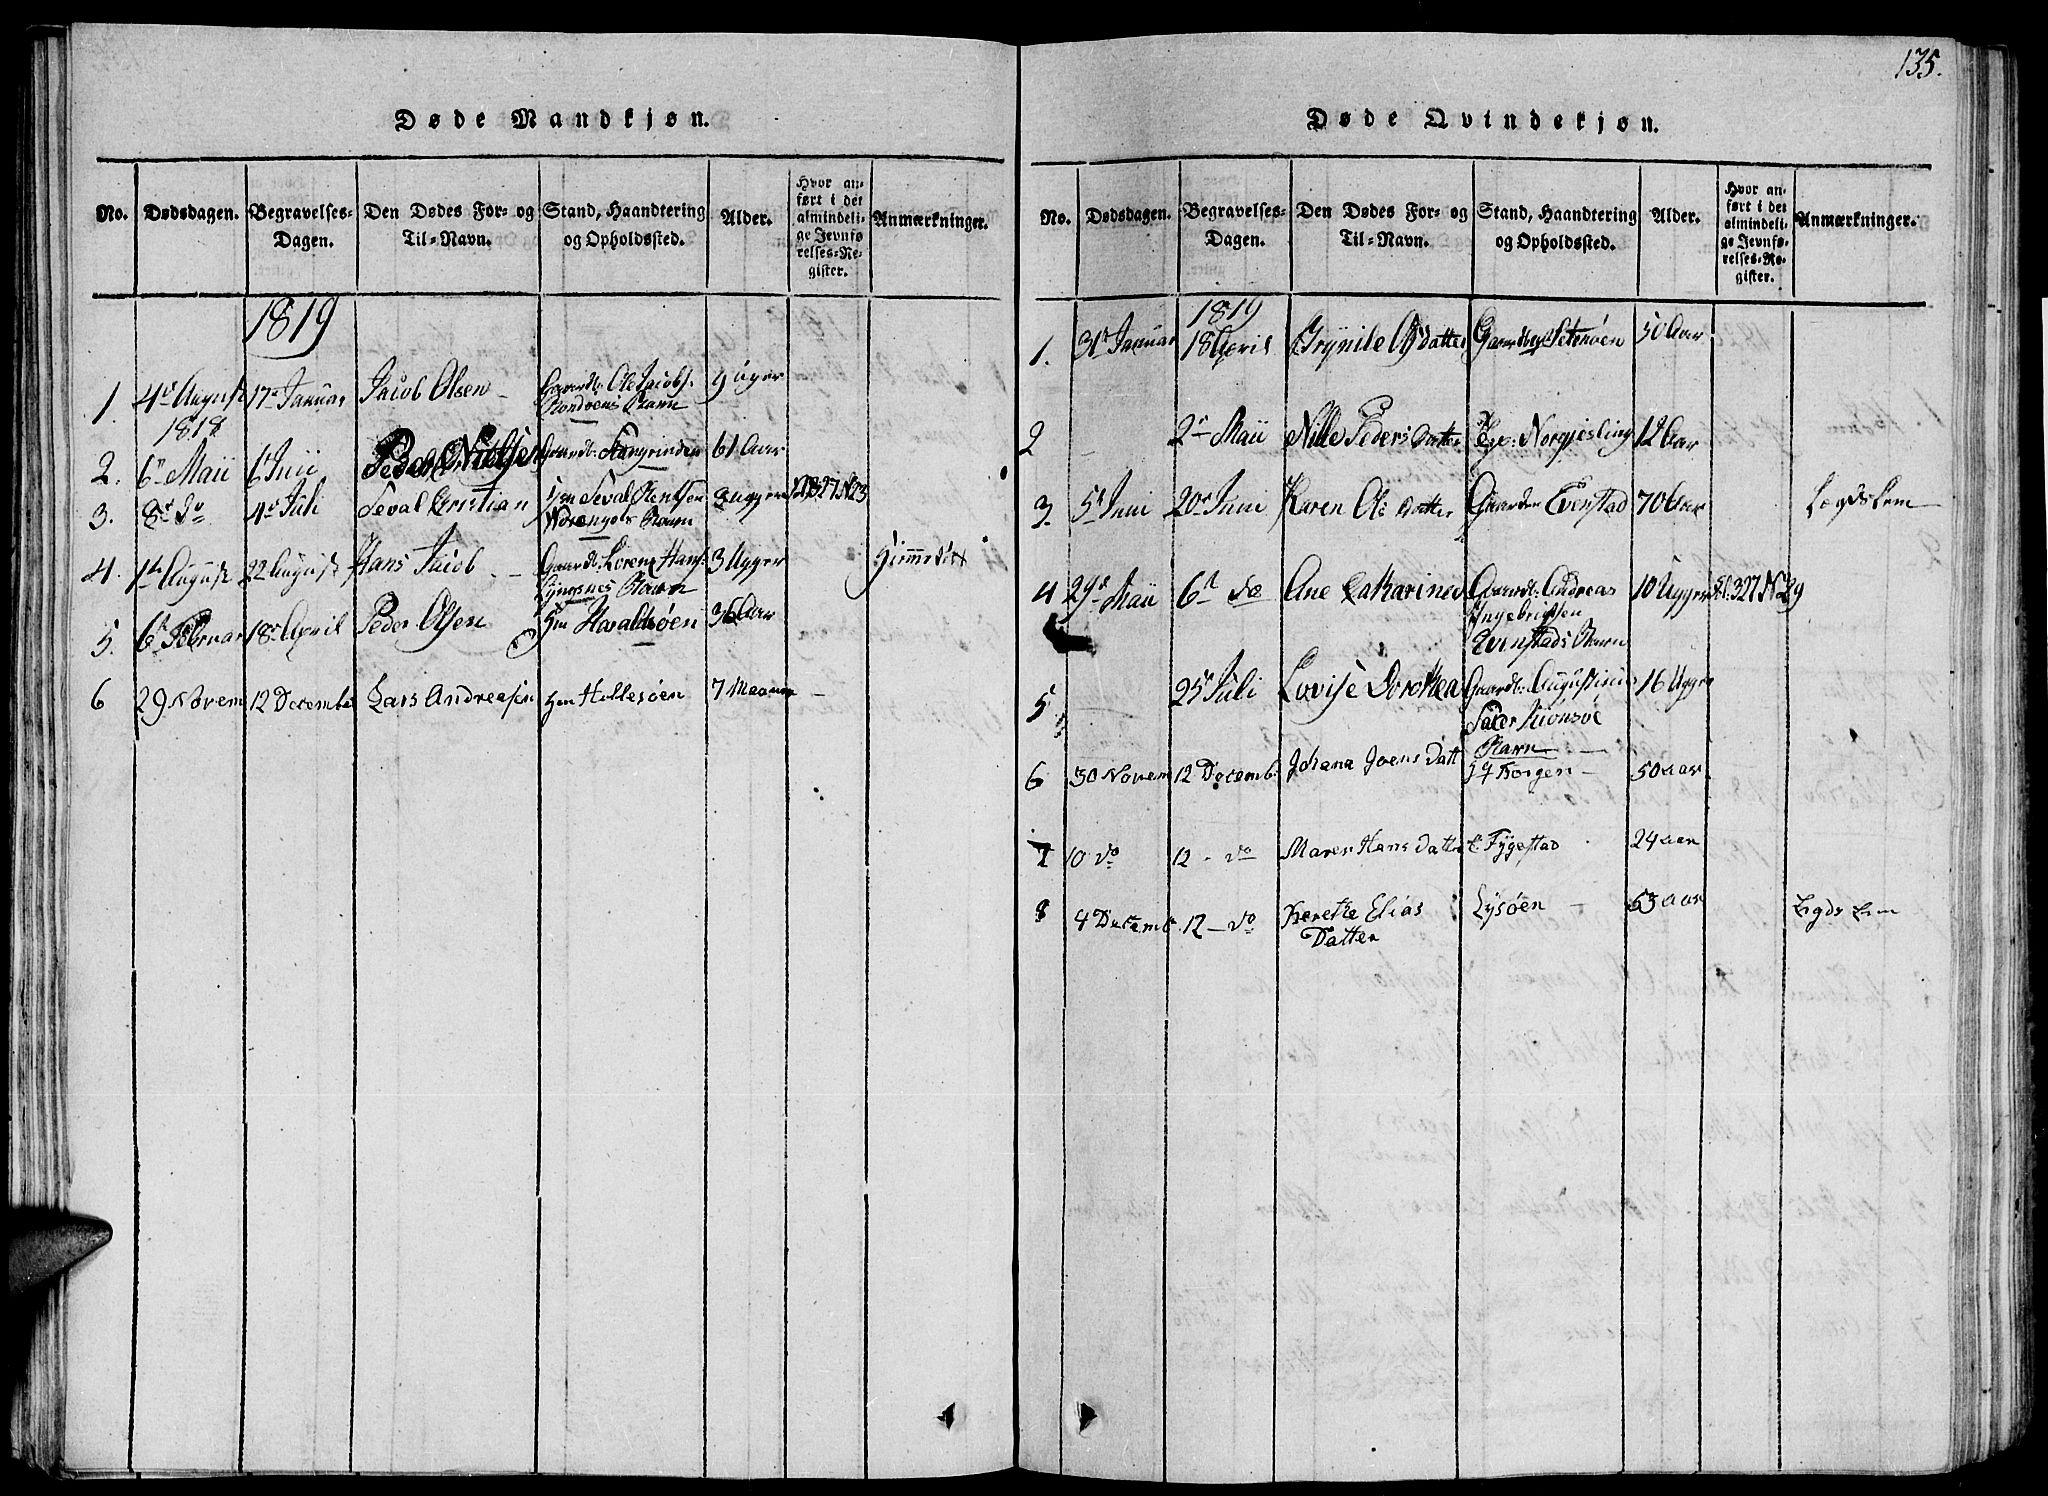 SAT, Ministerialprotokoller, klokkerbøker og fødselsregistre - Nord-Trøndelag, 784/L0679: Klokkerbok nr. 784C01 /2, 1818-1822, s. 135